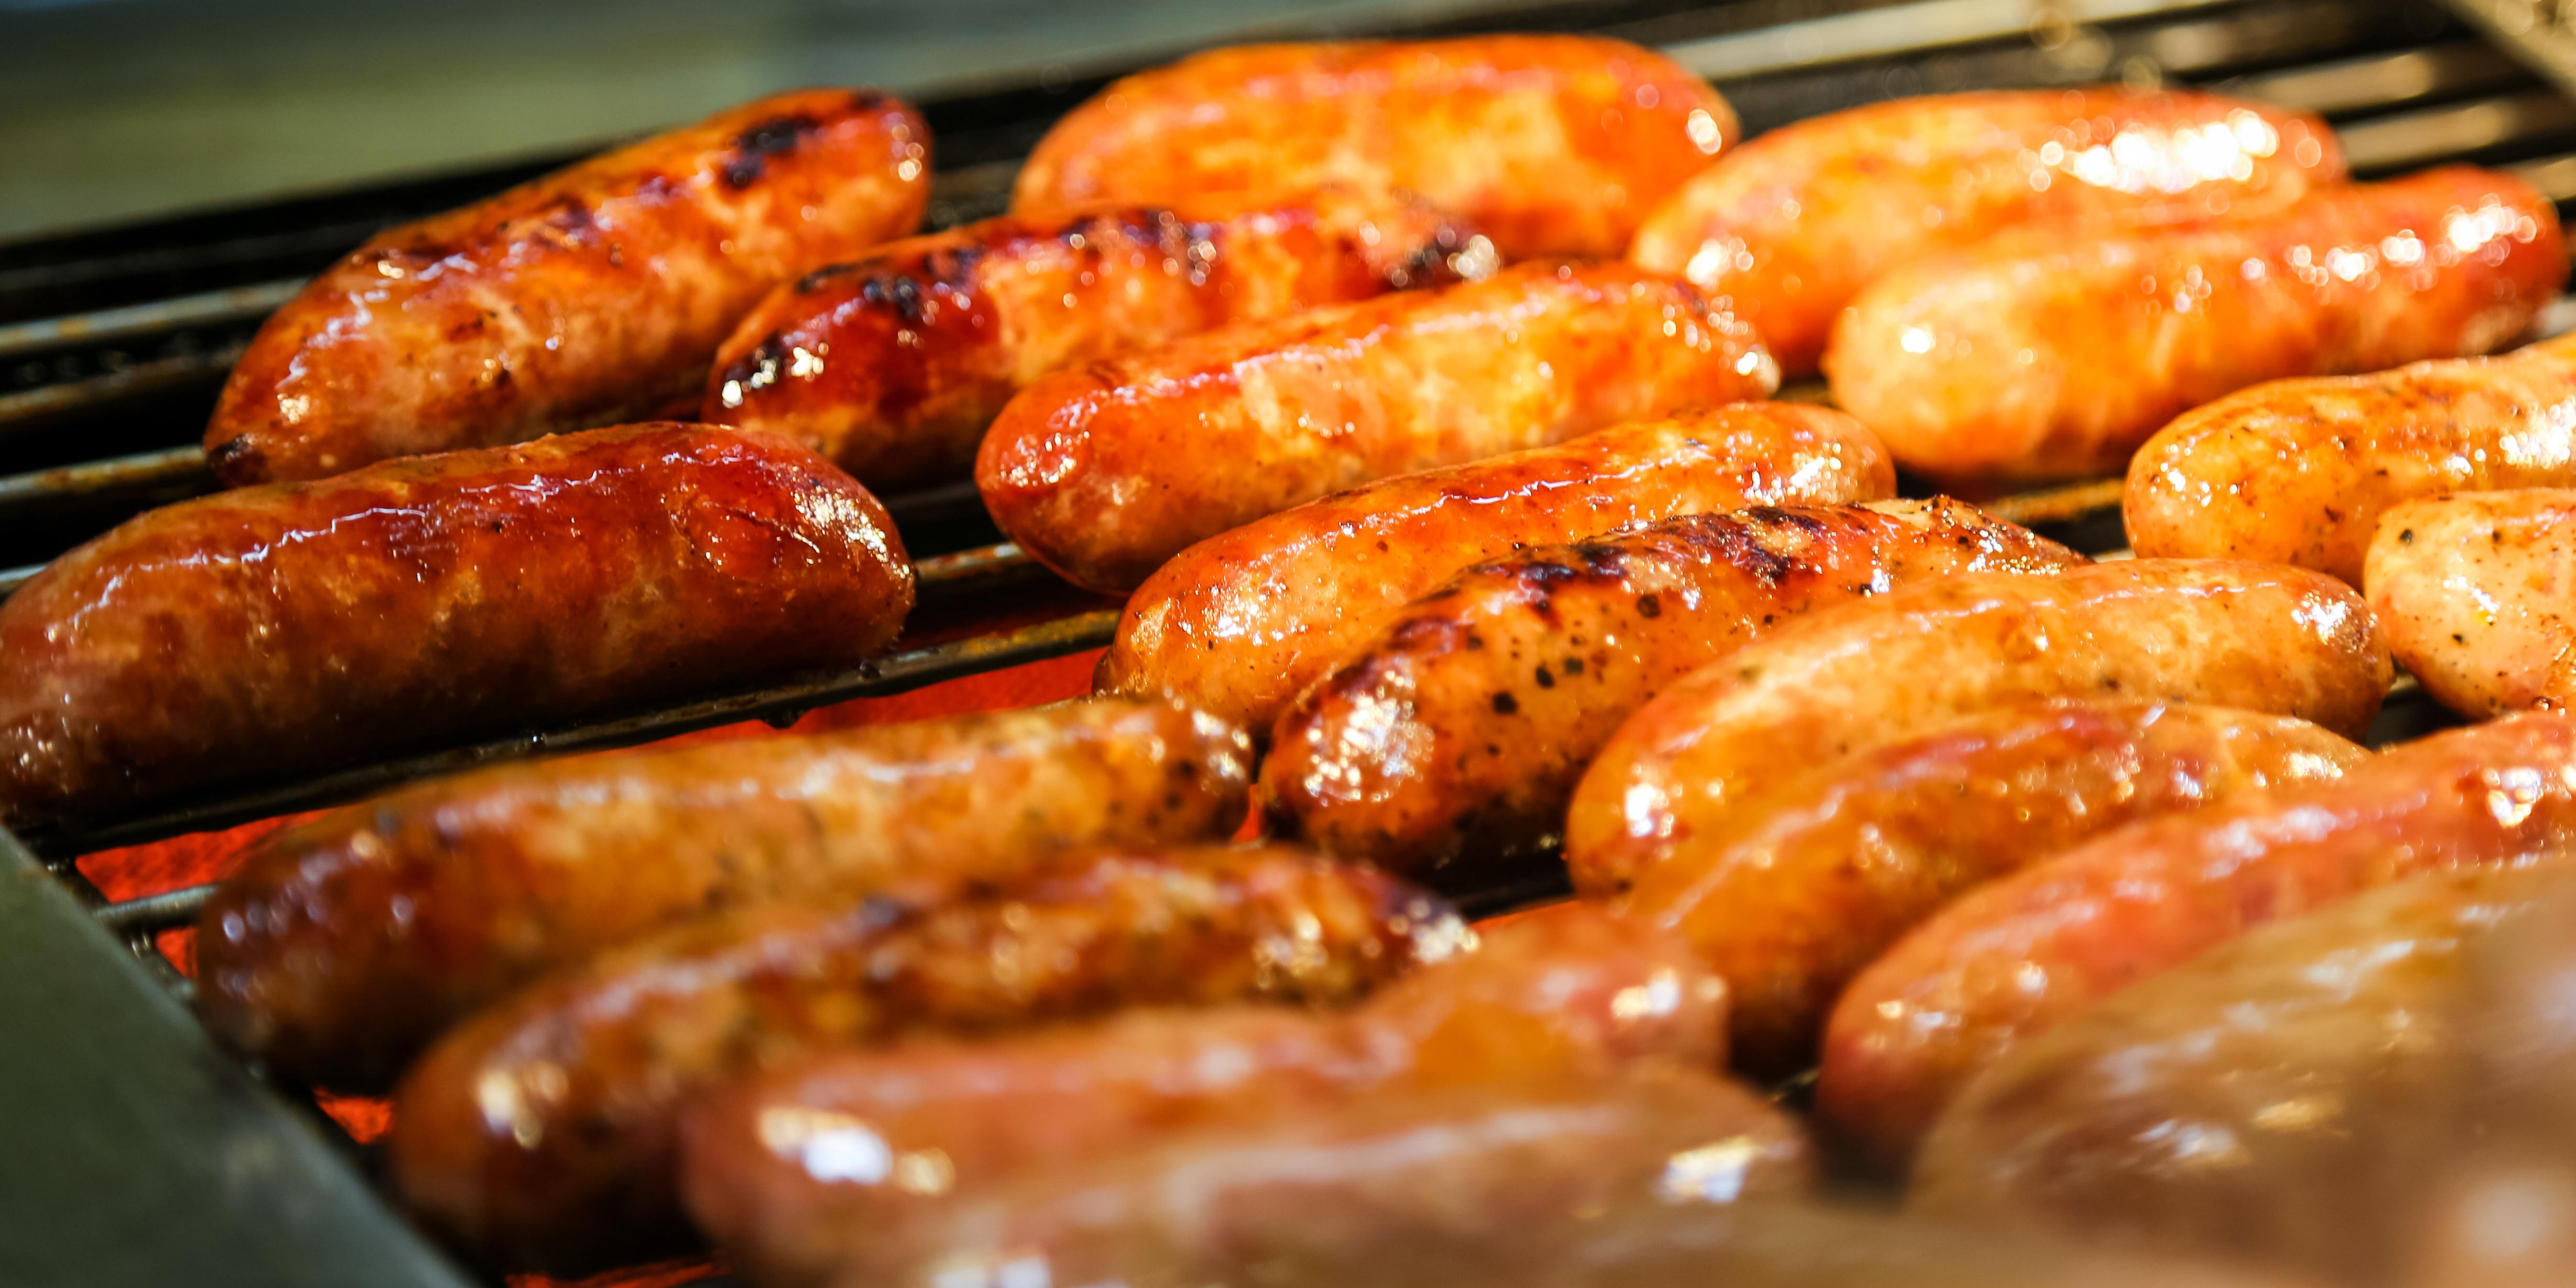 食话食说|热狗吃多了增加患癌风险?这样吃热狗更健康